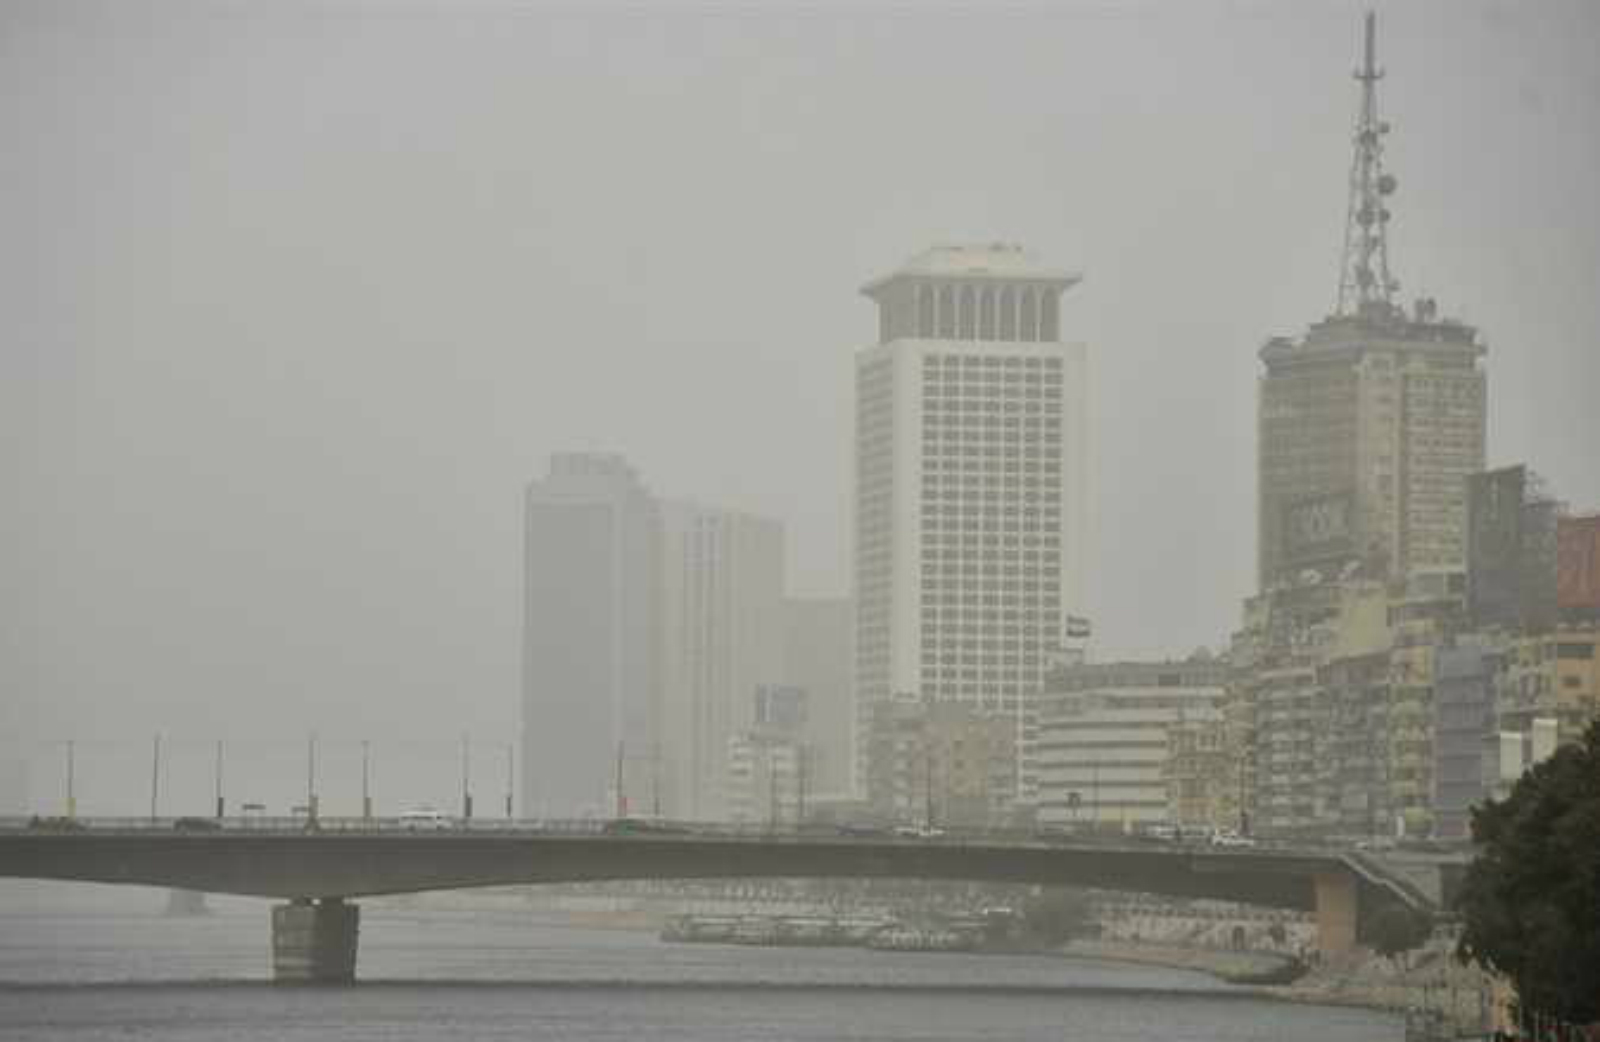 """الأرصاد الجوية.. موجة جديدة من الأمطار والرياح وعدم استقرار في الأحوال الجوية وتنصح المواطنين """"البسوا تقيل"""""""